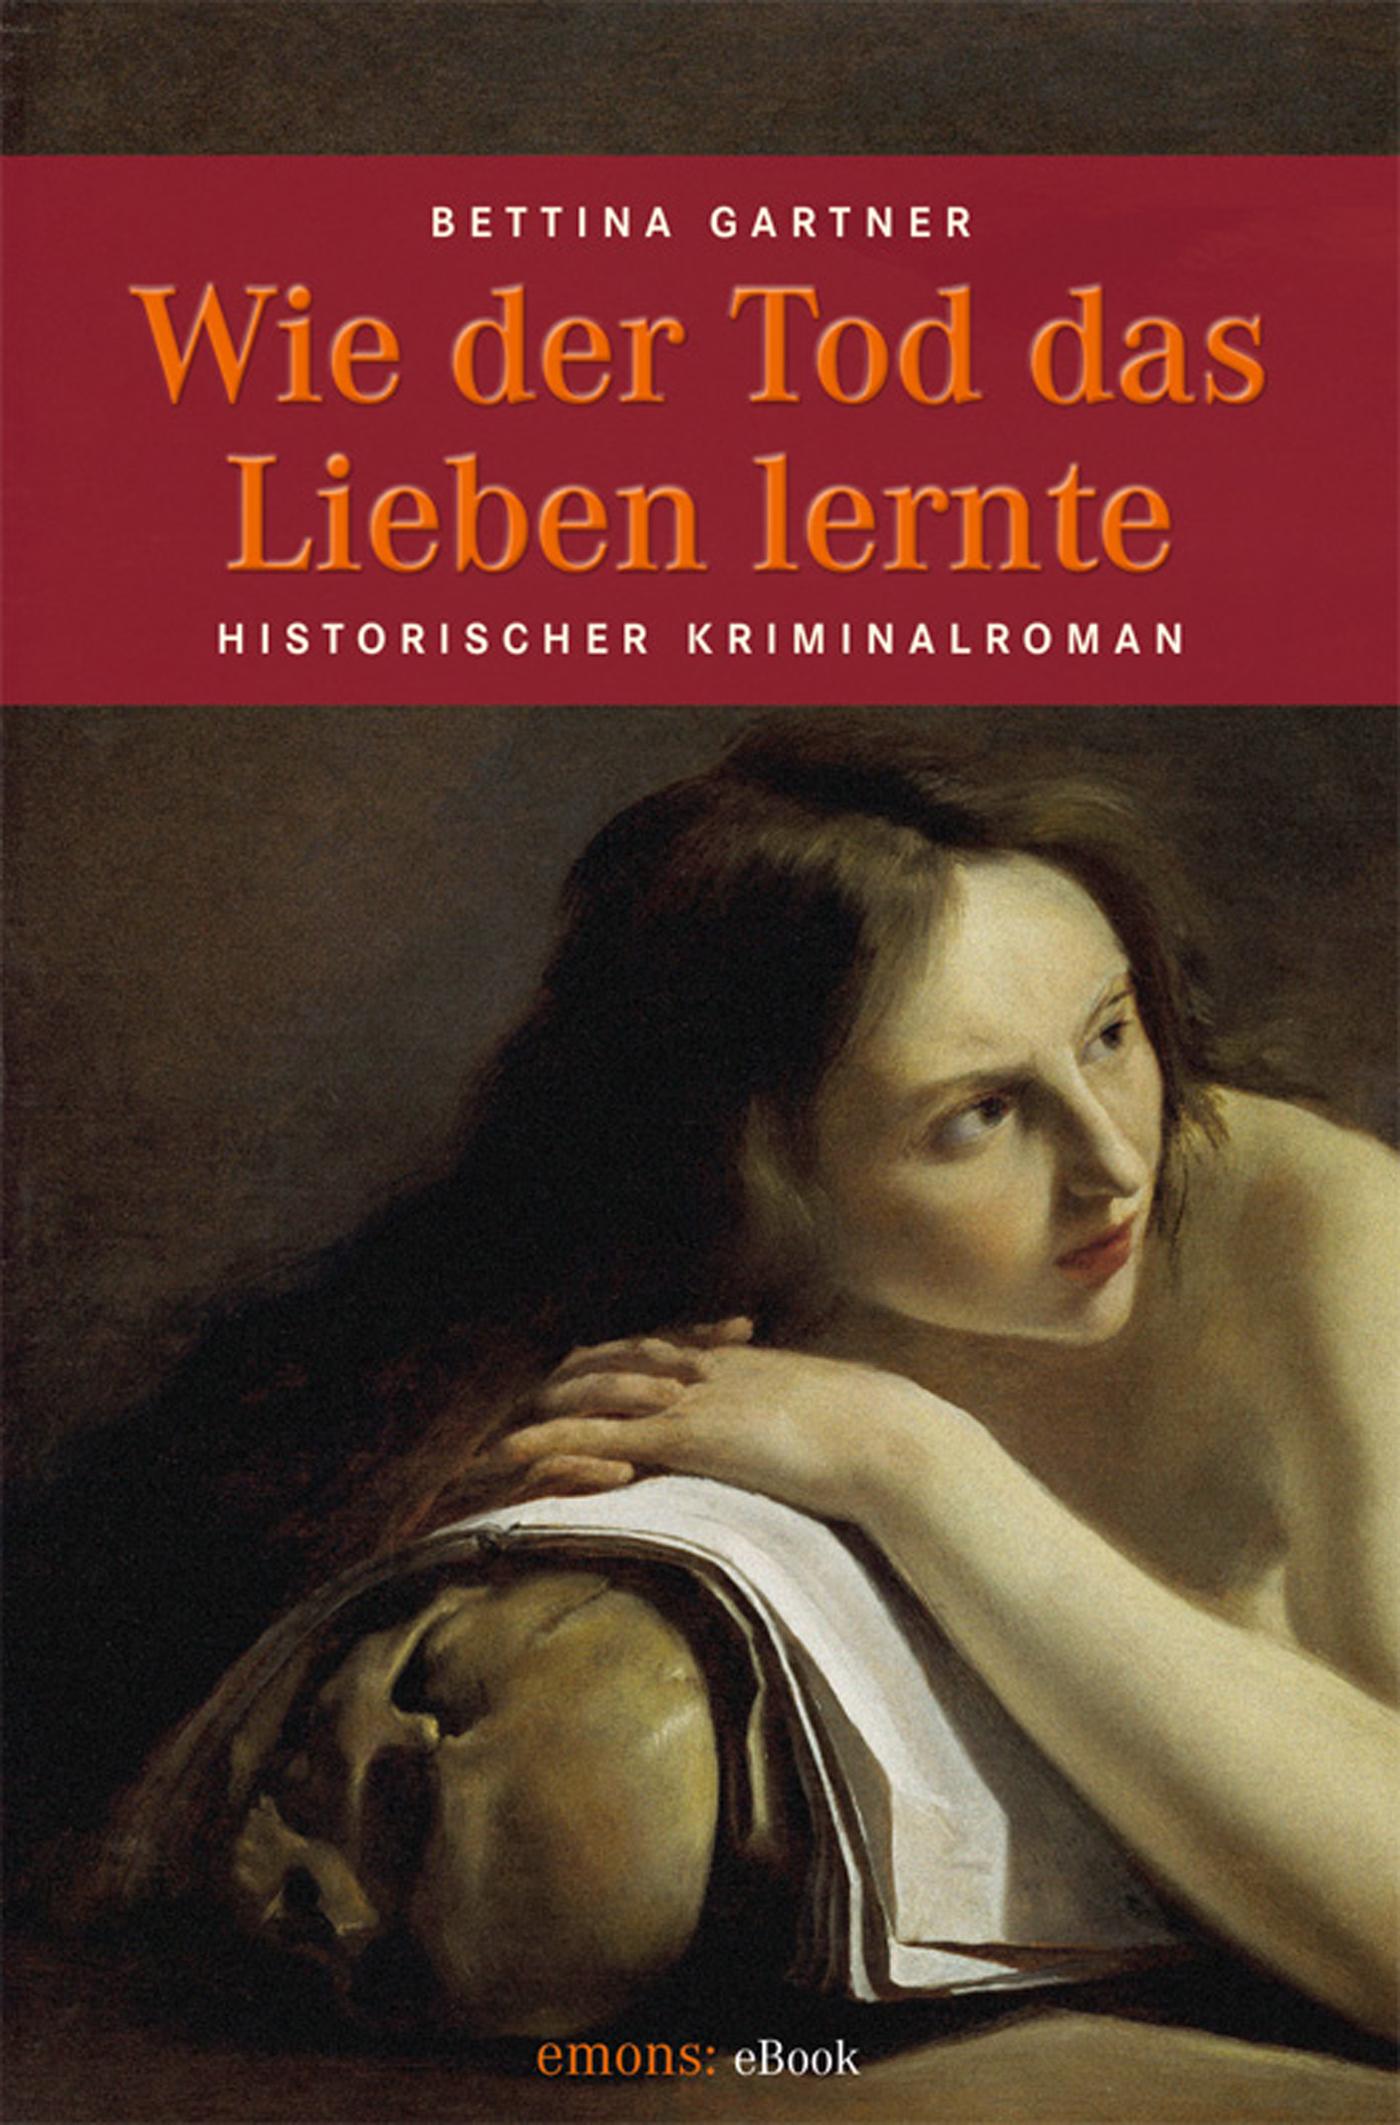 Bettina Gartner Wie der Tod das Lieben lernte edmund hoefer wie das volk spricht sprichwortliche redensarten